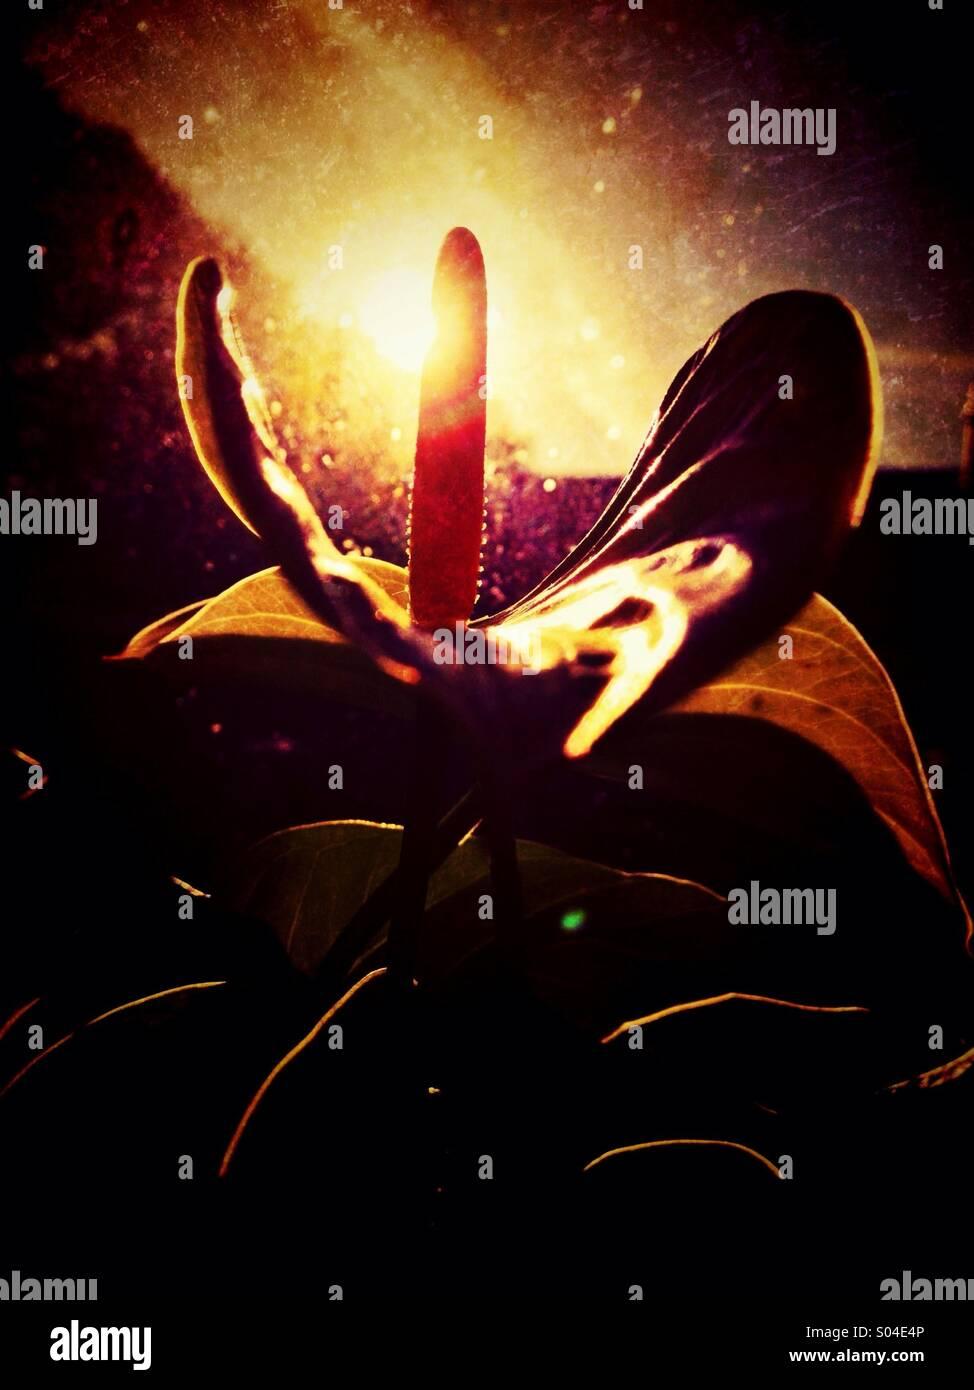 Anthurium retroilluminato fiore Immagini Stock